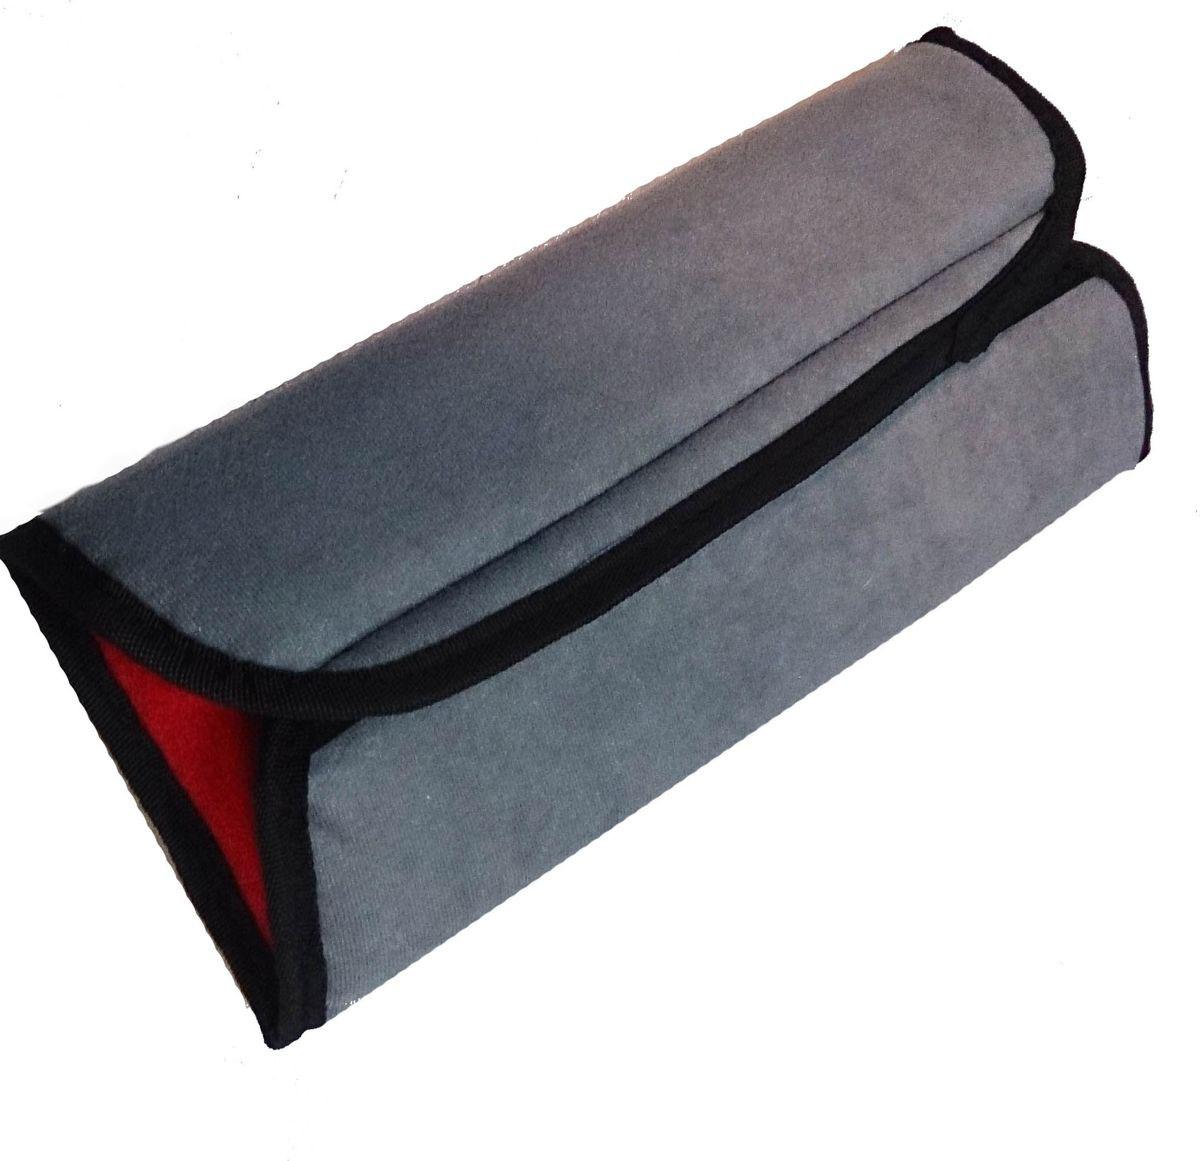 Накладка-подушка на ремень безопасности двухсторонняя Auto Premium, цвет: серый, красный. 7715877158Подушка-накладка на ремень безопасности выполнена из мягкого велюра с легкой фиксацией на липучке. Прекрасно подходит не только для длительных перездов, а также будет незаменима для комфортного сна.